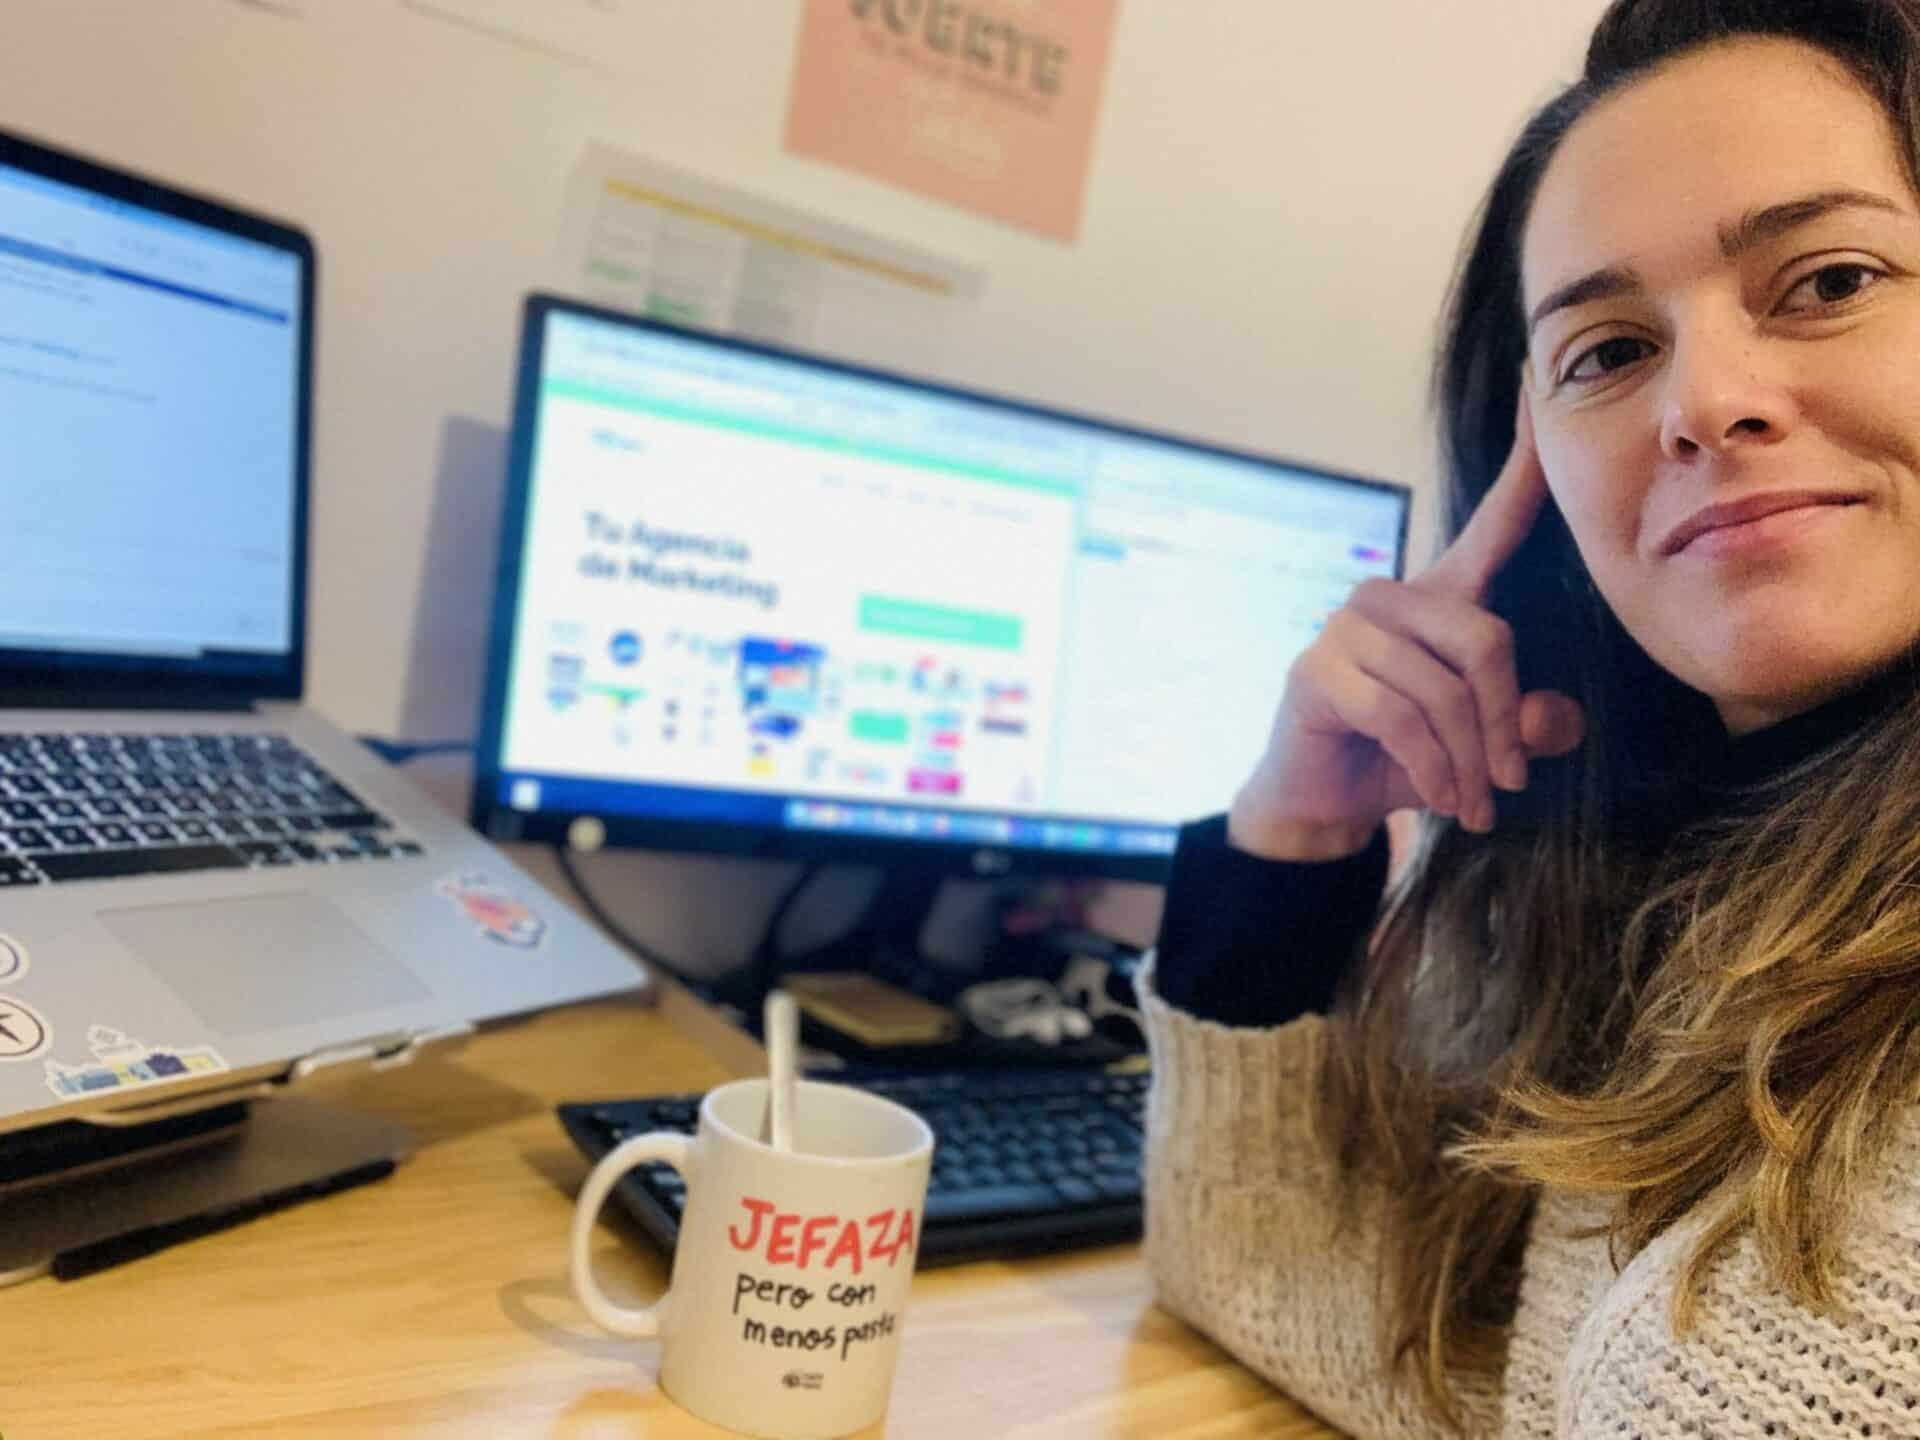 Diario del Teletrabajador: Día 5, Primera semana trabajando en casa